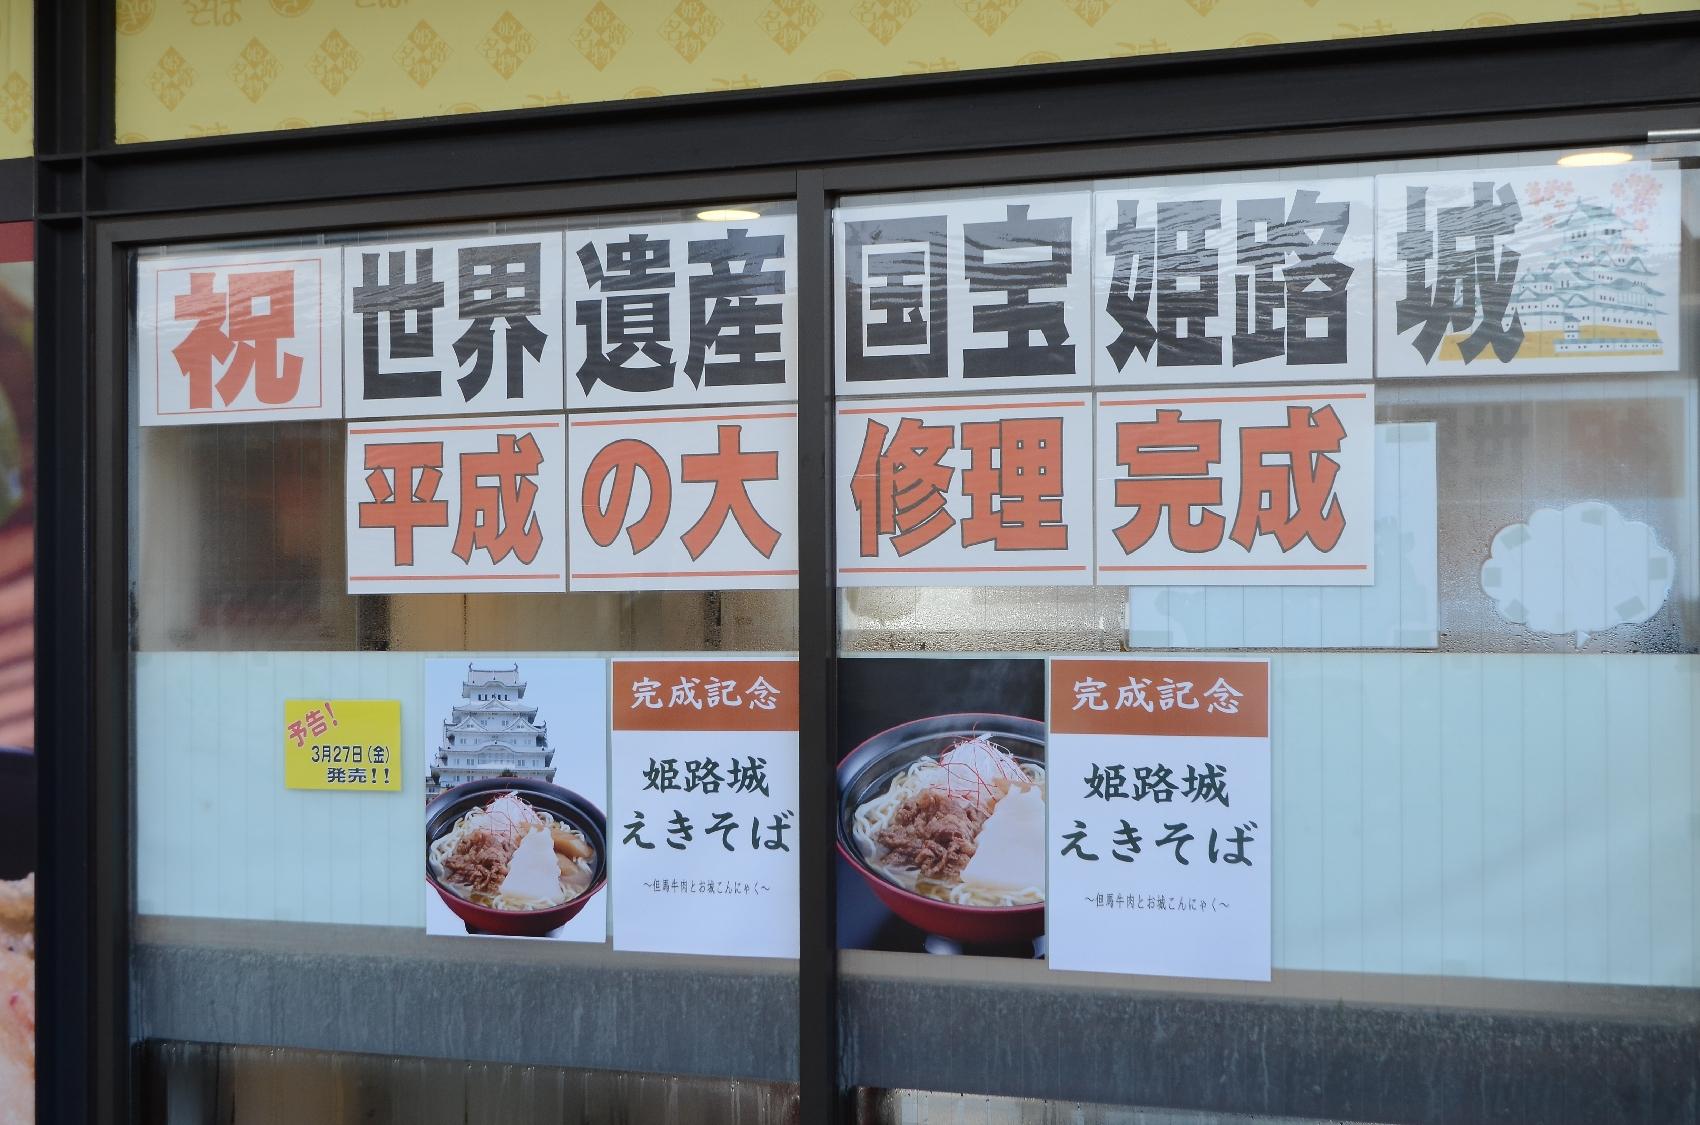 日々是広島東洋鯉